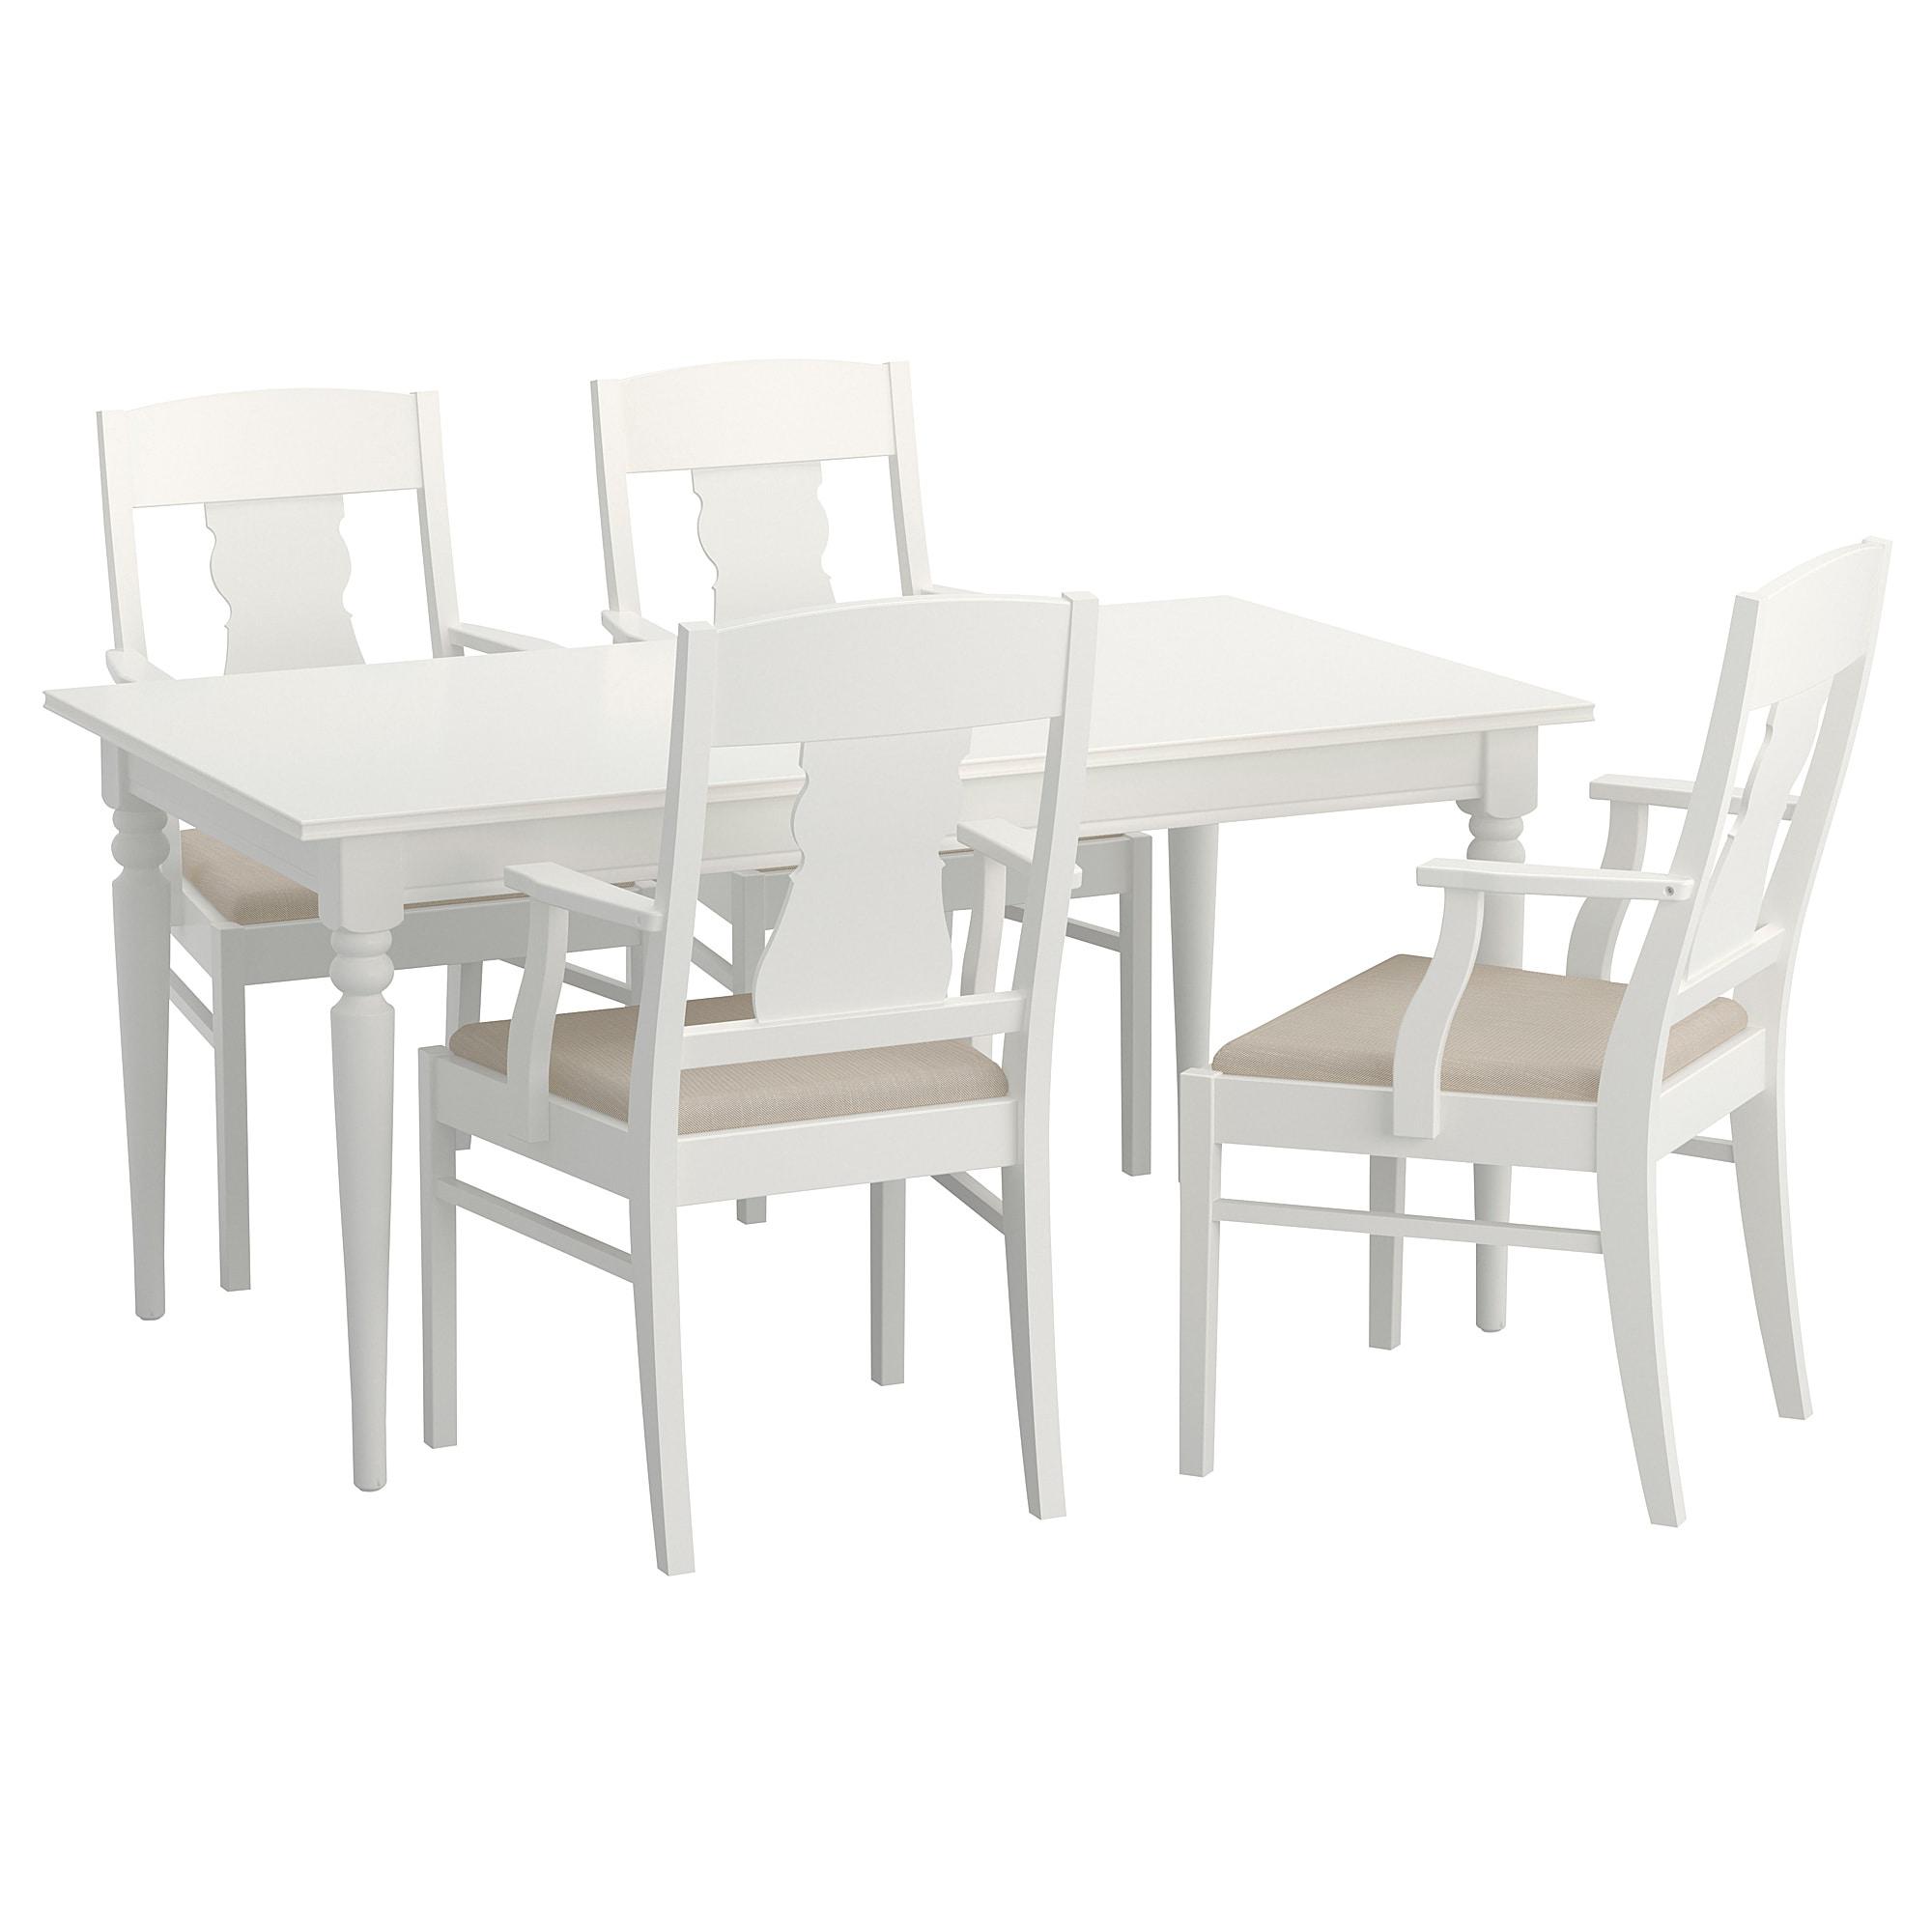 Sillas Y Mesas S5d8 Conjuntos De Edor Mesas Y Sillas Pra Online Ikea